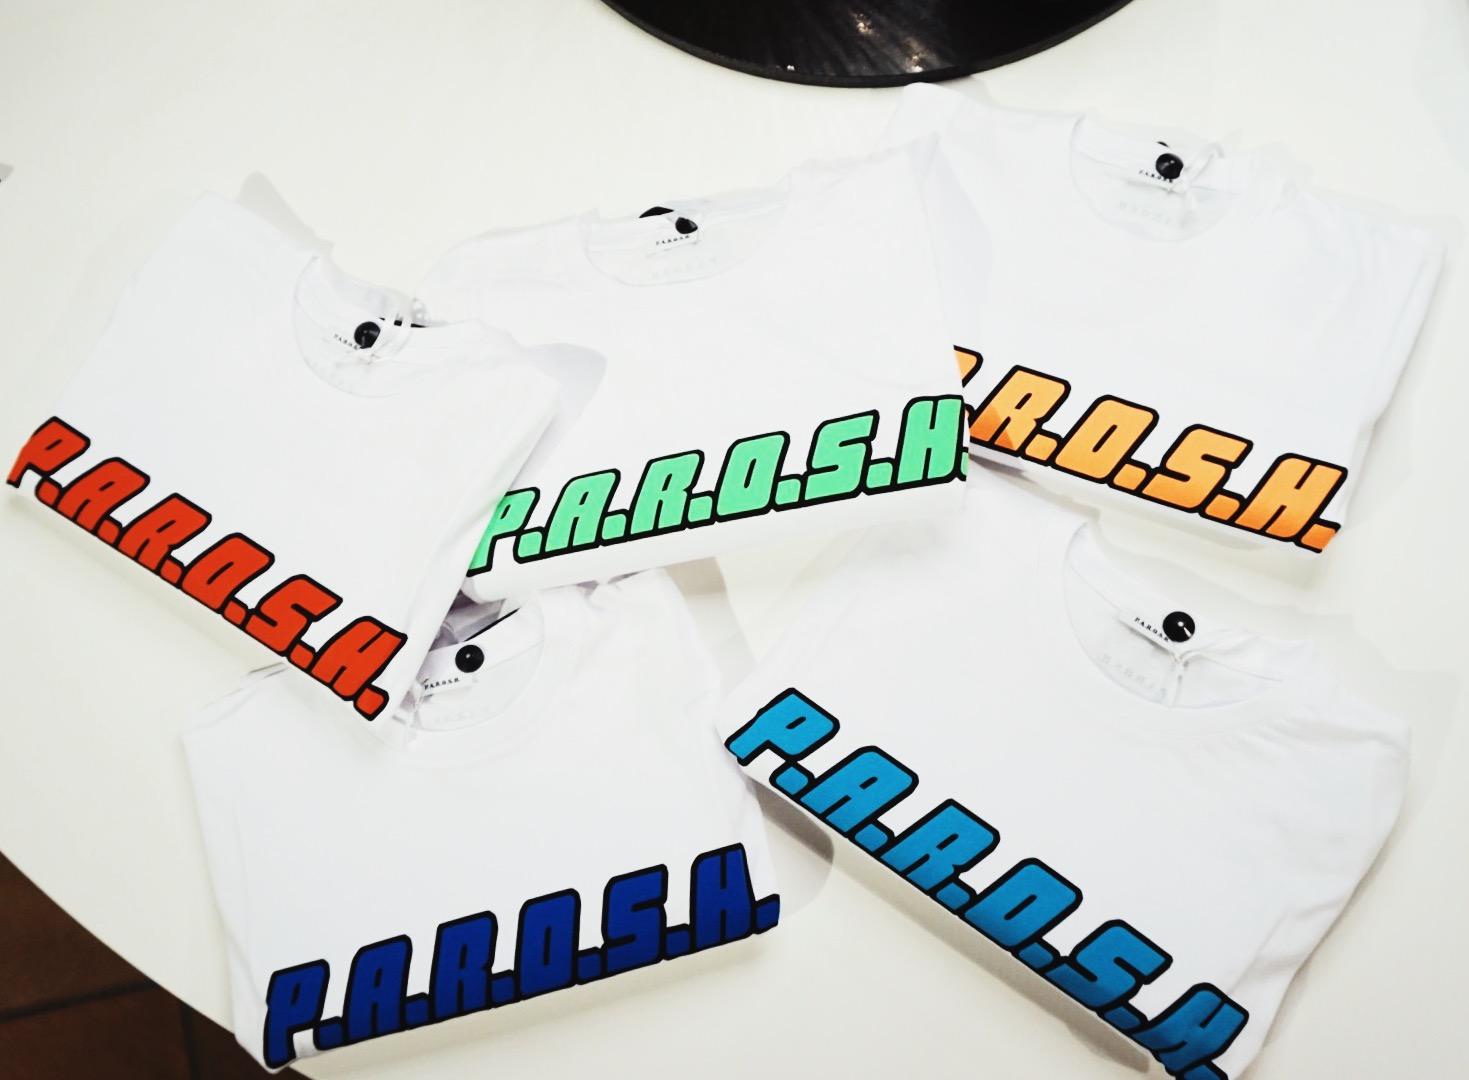 nIEUW BINNEN! - Deze gave t-shirts van Parosh zijn back in stock. Mix and match deze t-shirts onder een jeans, lange rok of speel met verschillende kleuren.